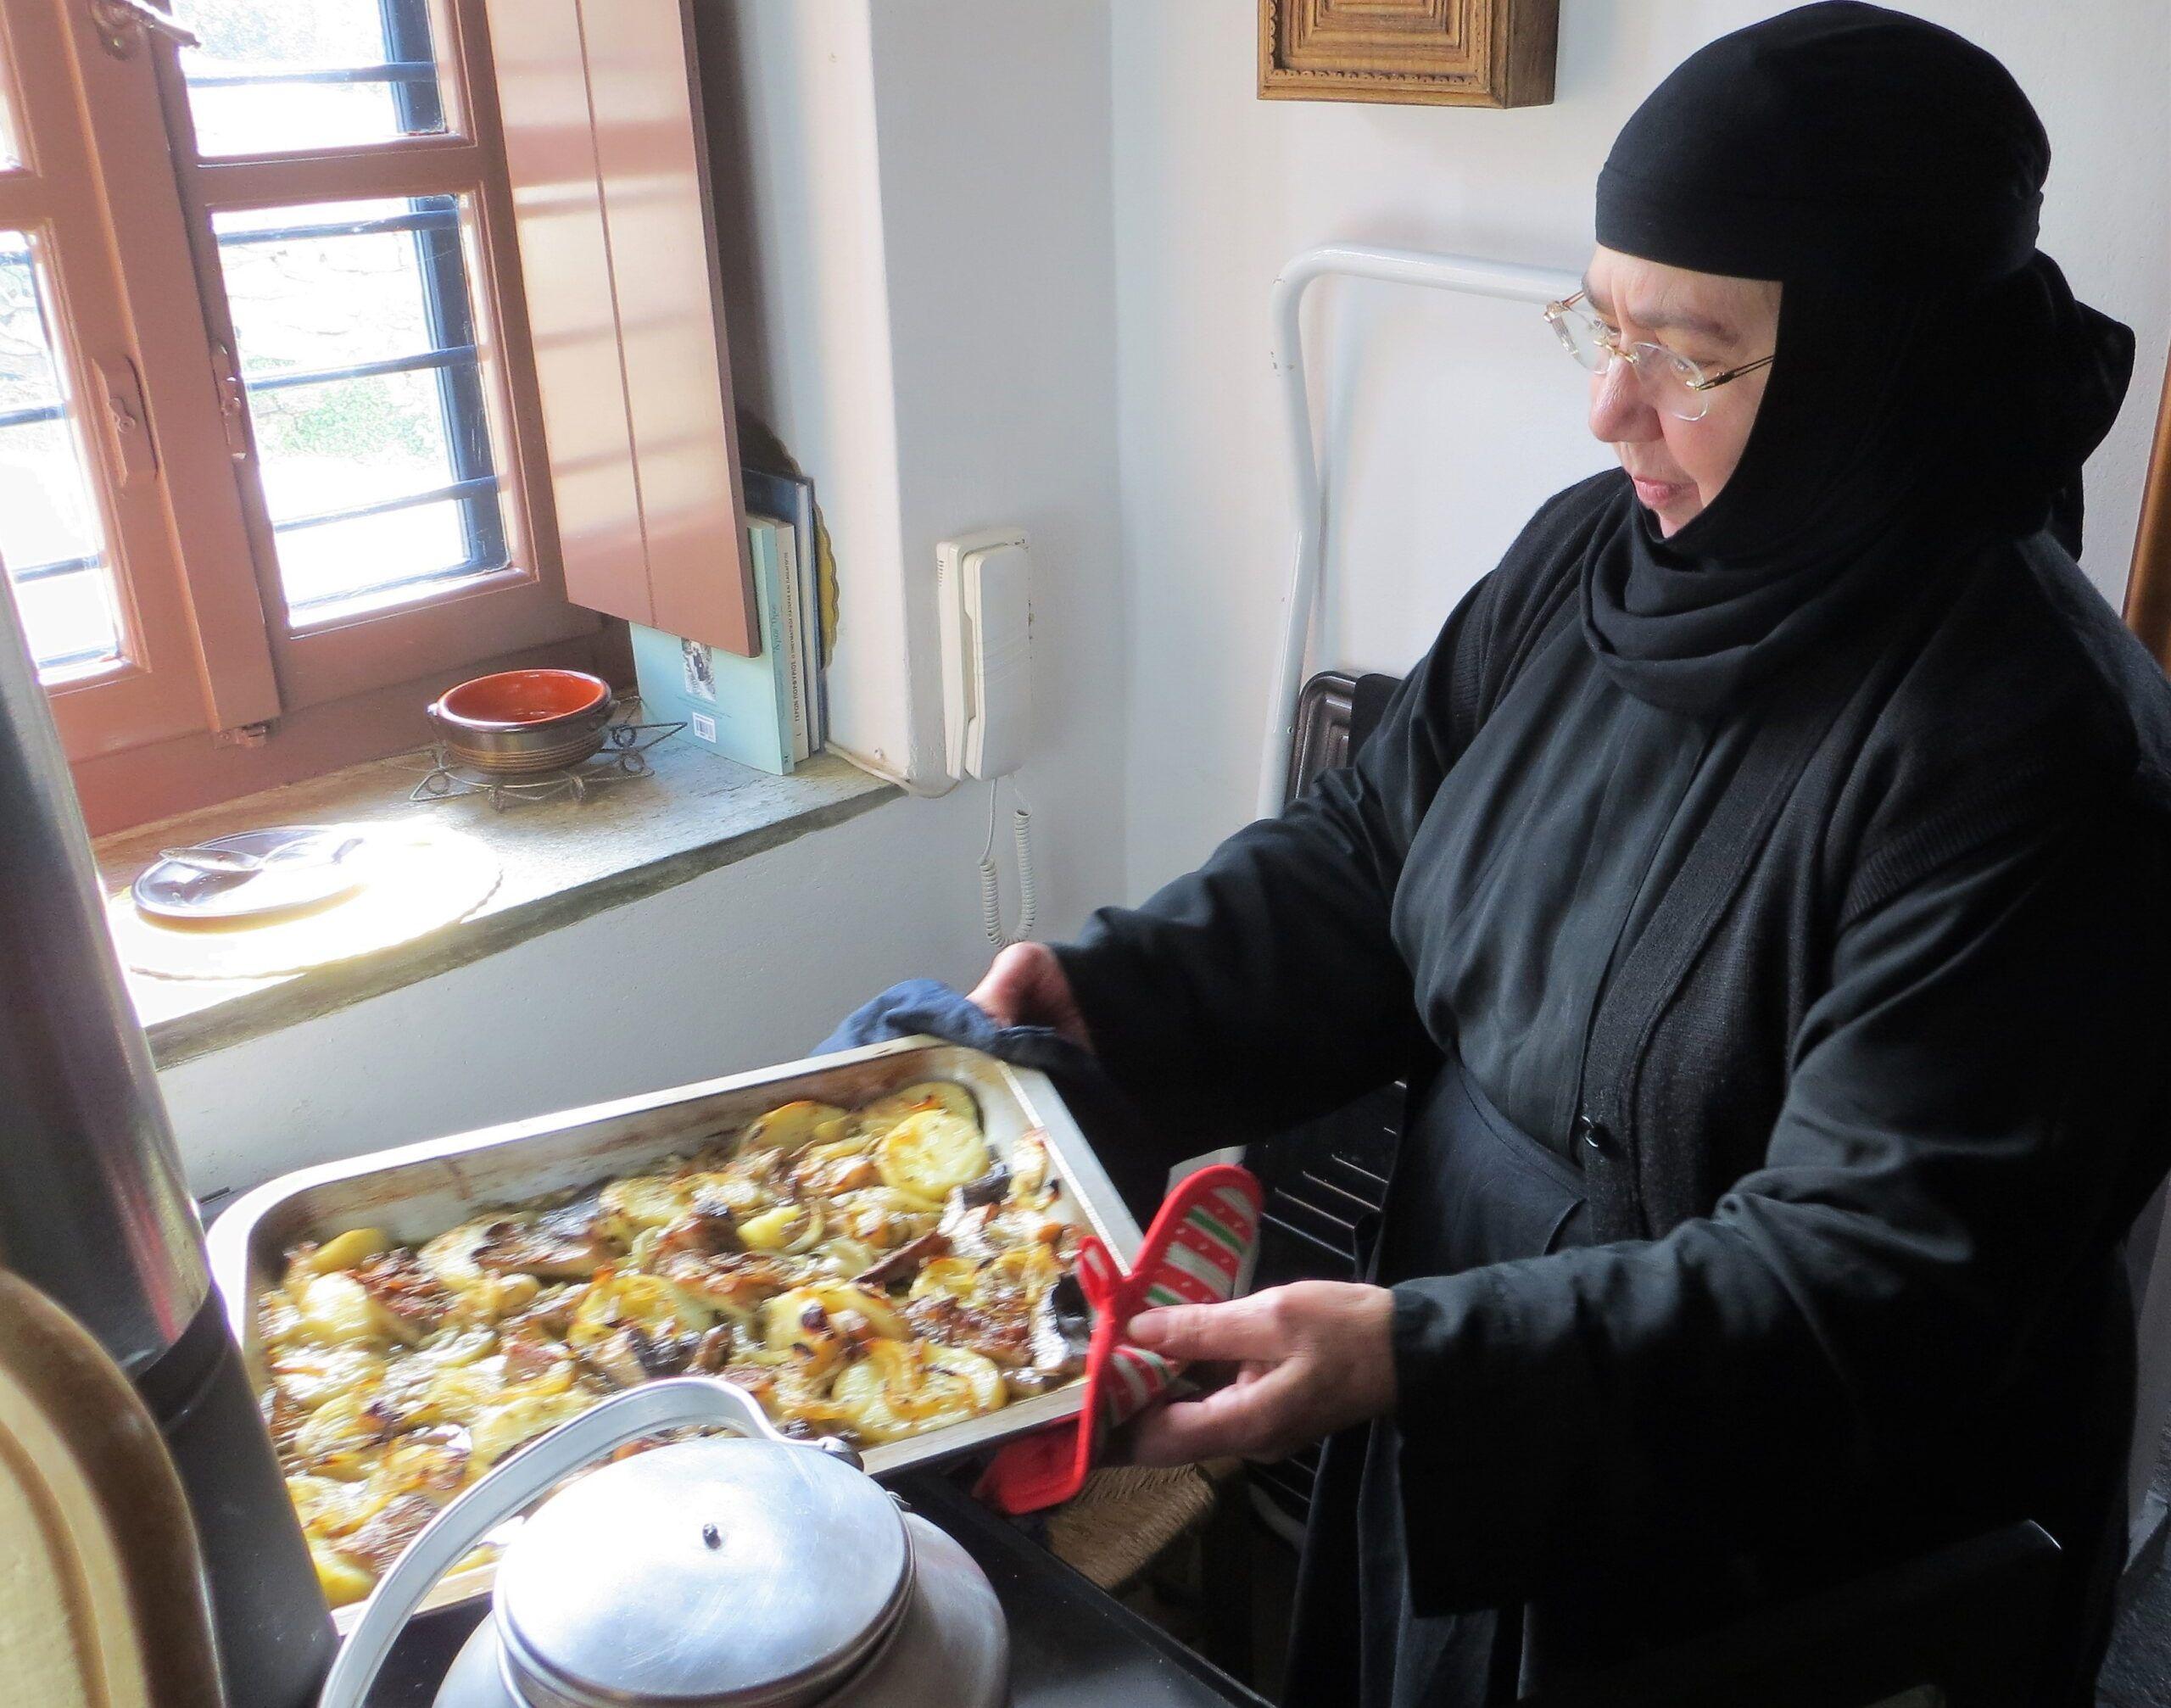 Η γερόντισσα Ιουλιανή μας γνωρίζει την περίφημη μοναστηριακή κουζίνα στο νησί της Παναγιάς